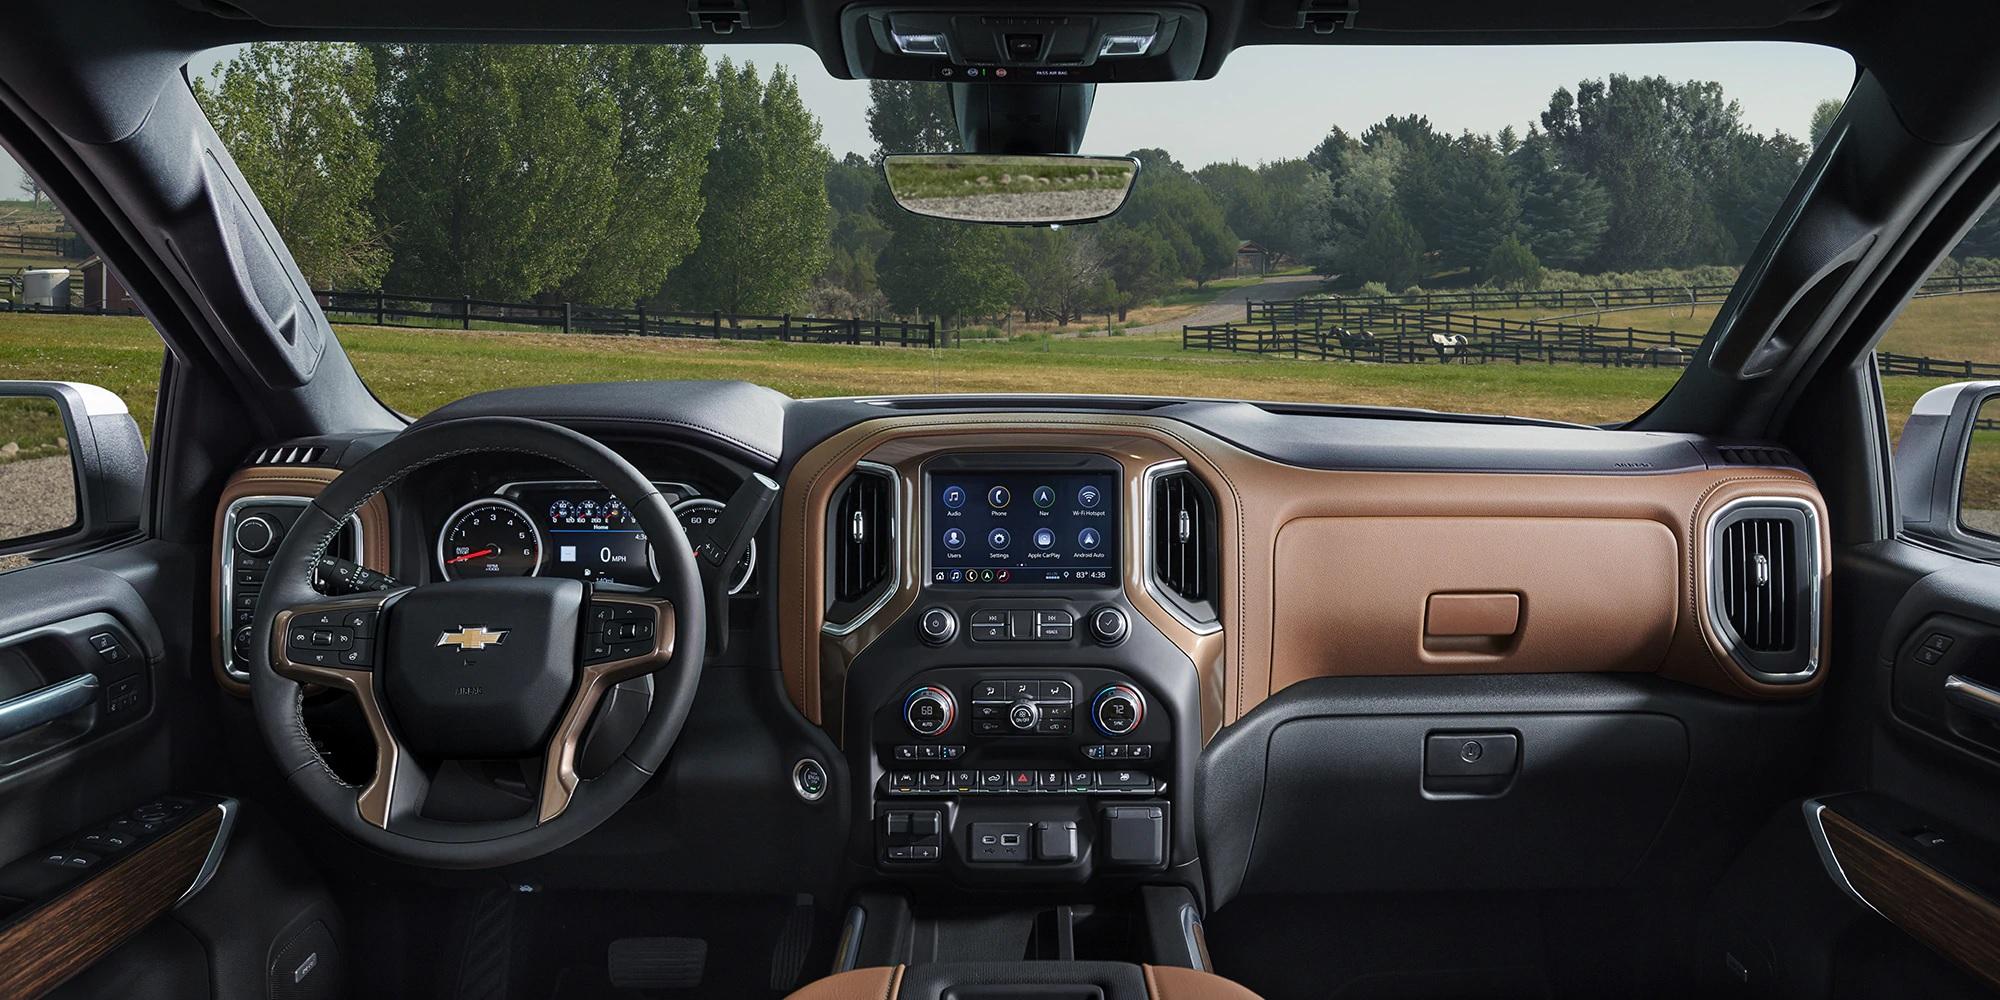 Bello interior de la Chevy Silverado 1500 2019